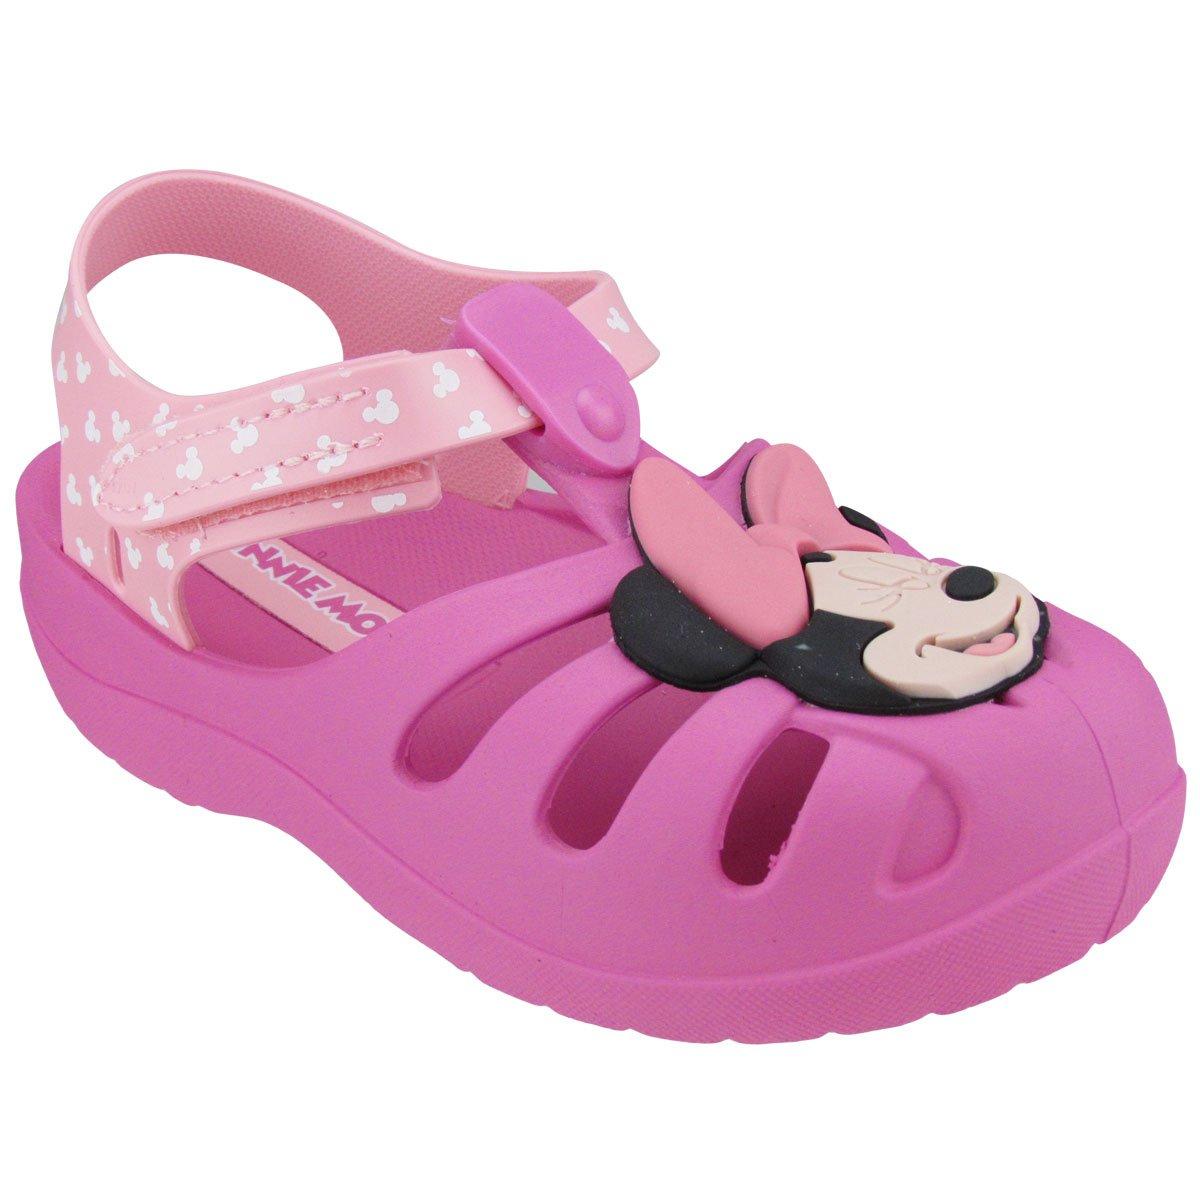 db3885111 Sandália Infantil Grendene Mickey Minnie - Compre Agora